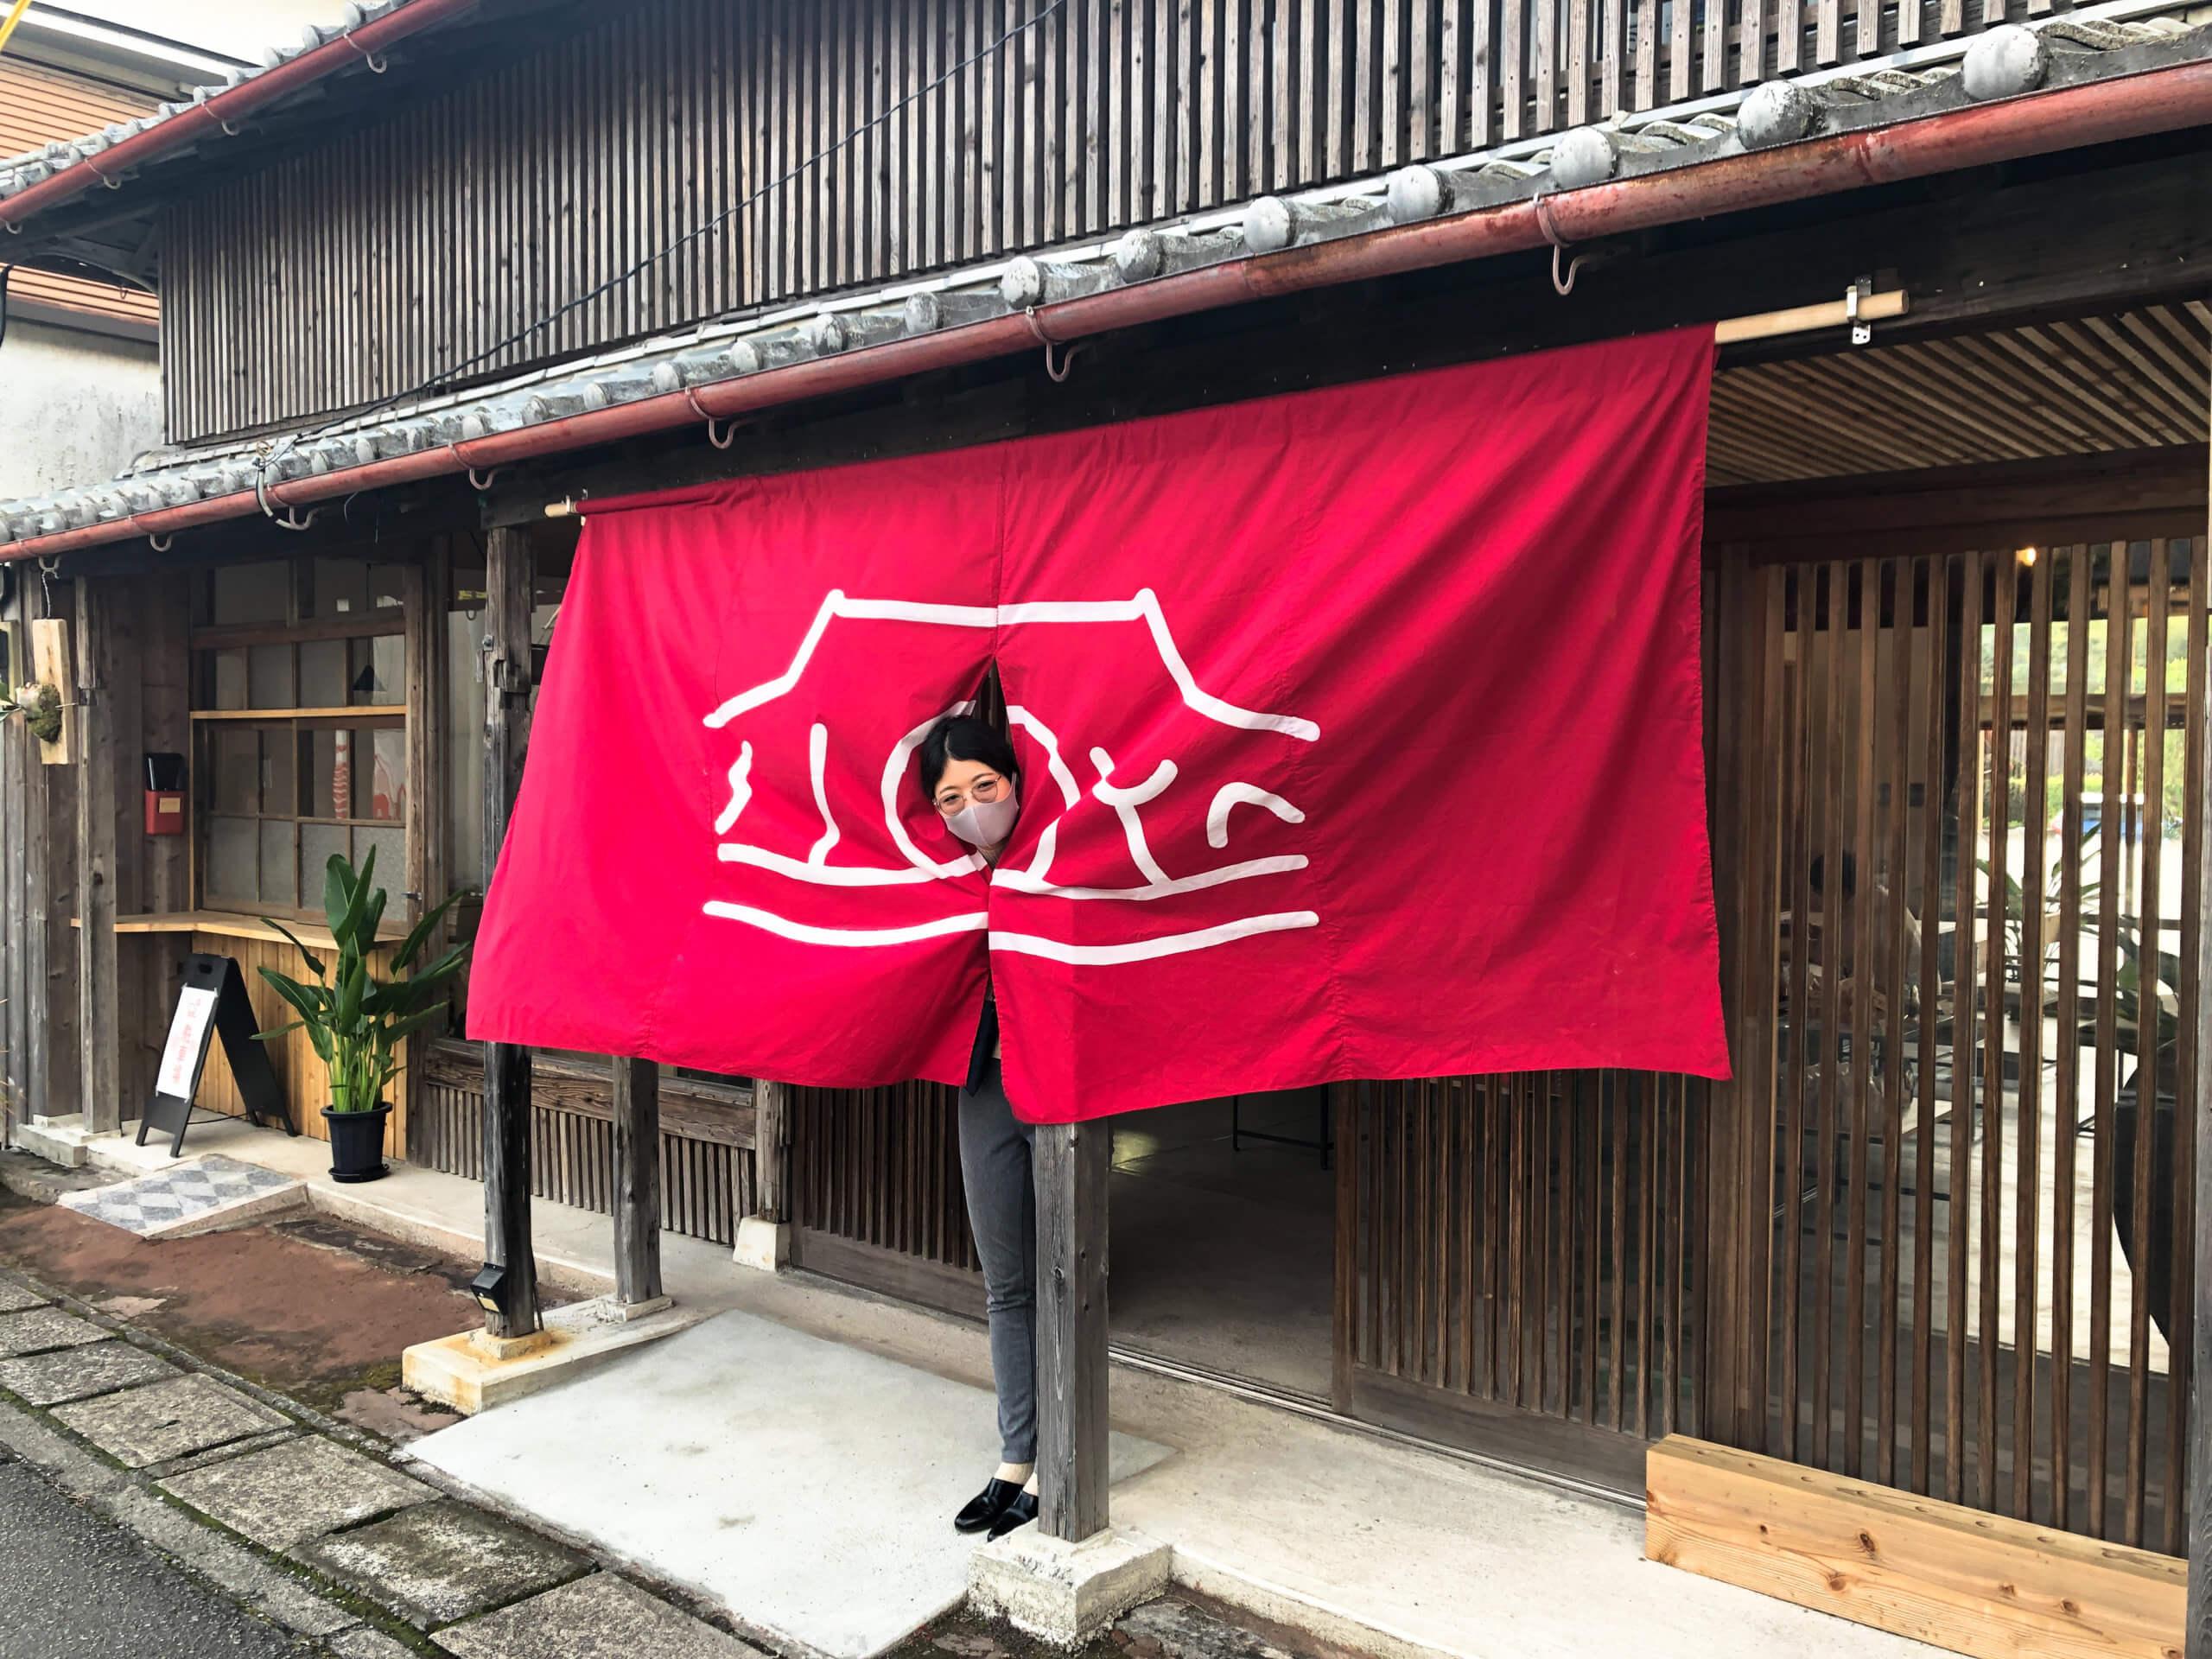 だしとお茶の店 潮や、が頴娃町石垣にオープンします!|株式会社オコソコ